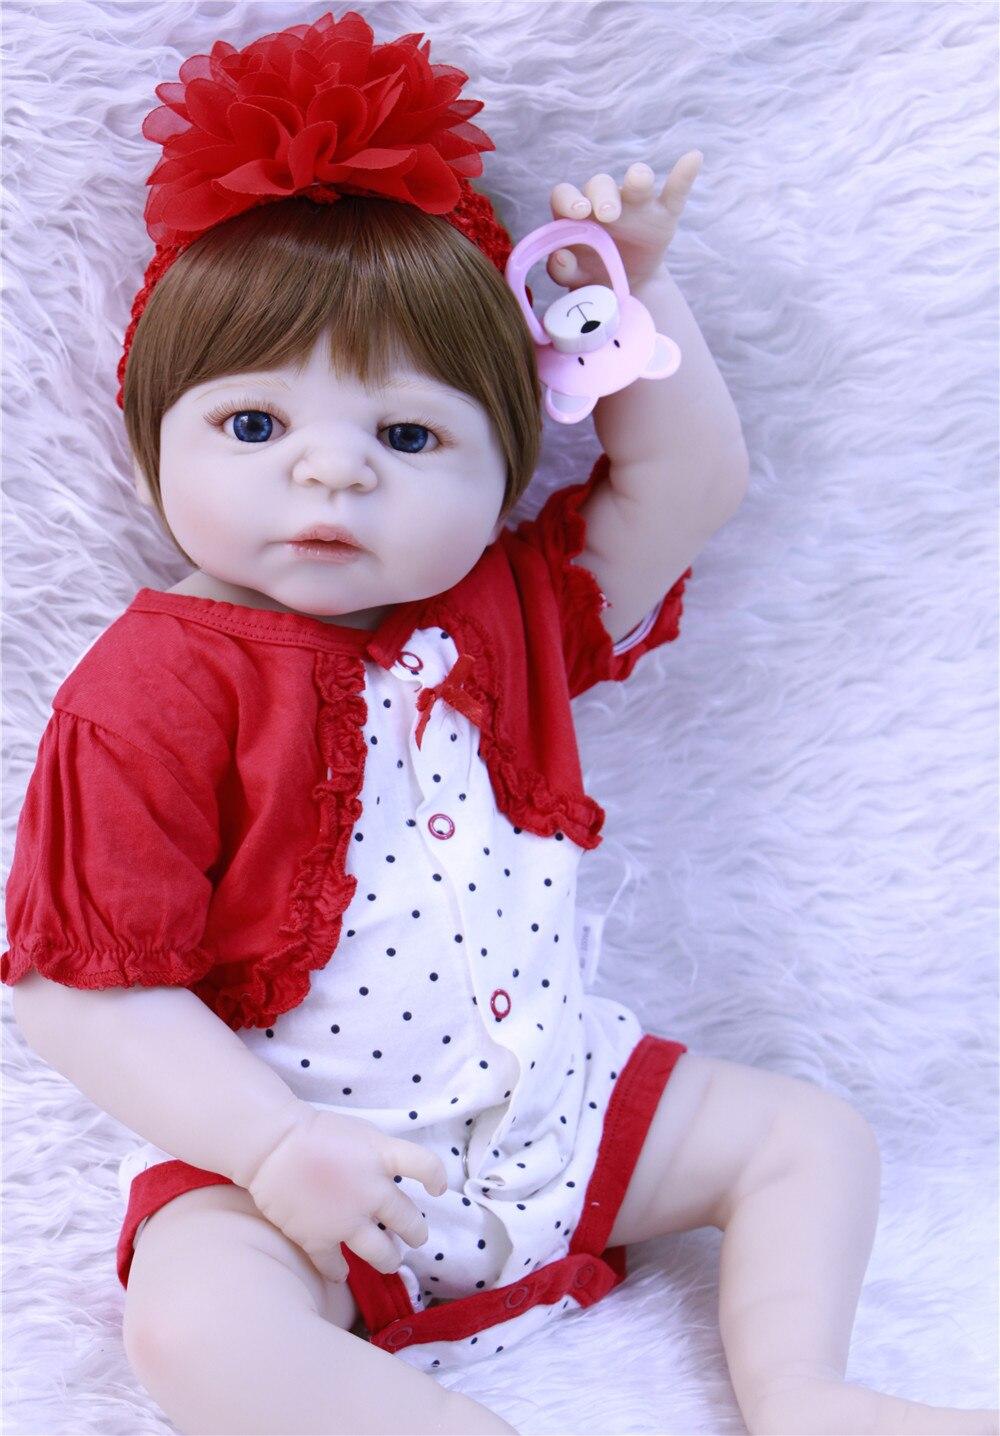 Кукла для девочки DollMai, силиконовая кукла для новорожденных, 55 см